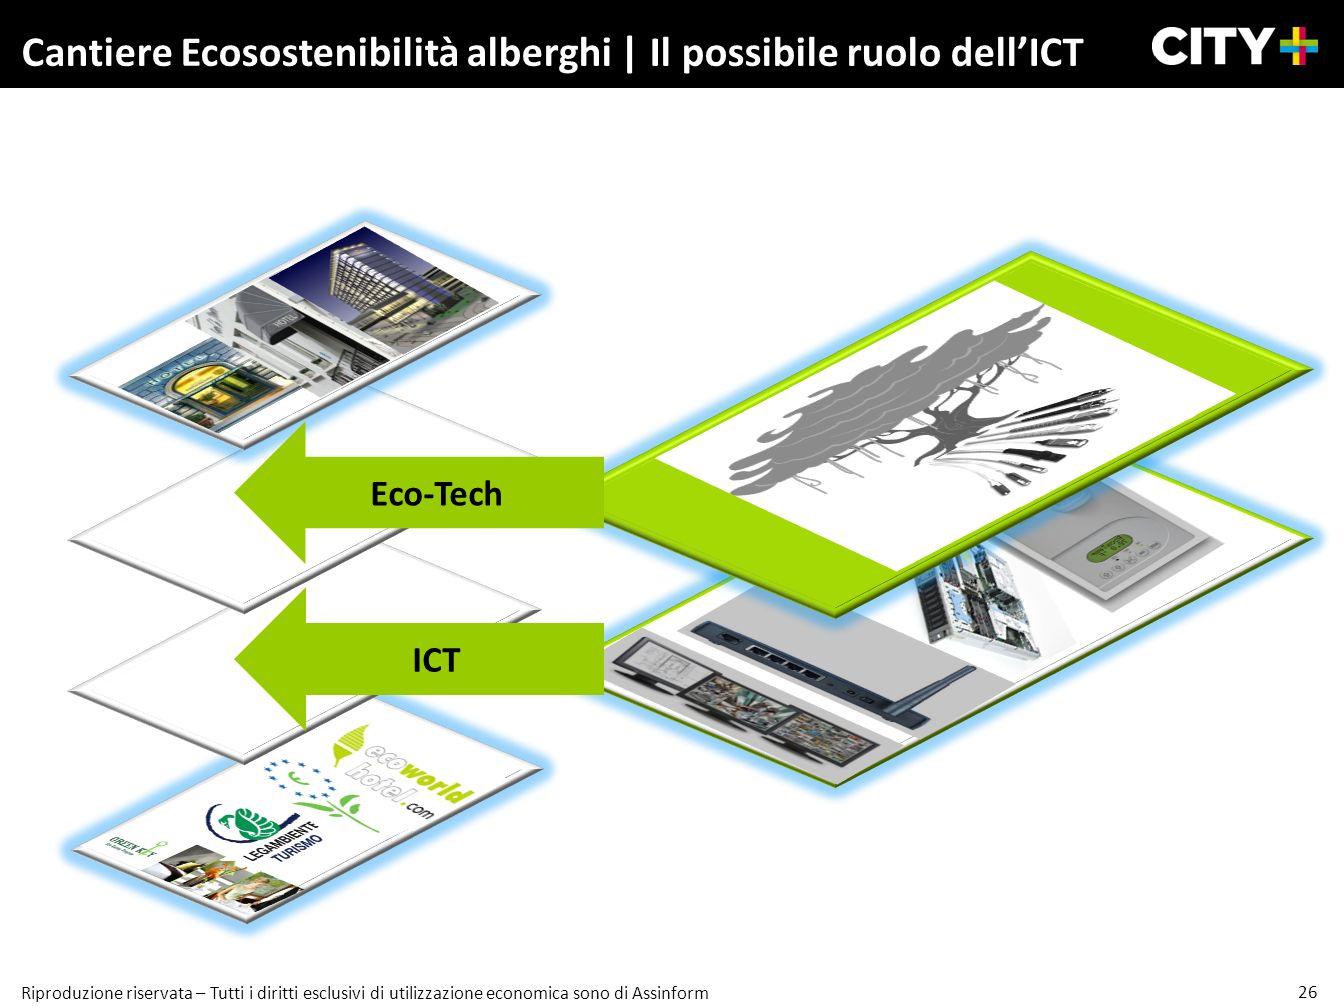 Cantiere Ecosostenibilità alberghi | Il possibile ruolo dell'ICT